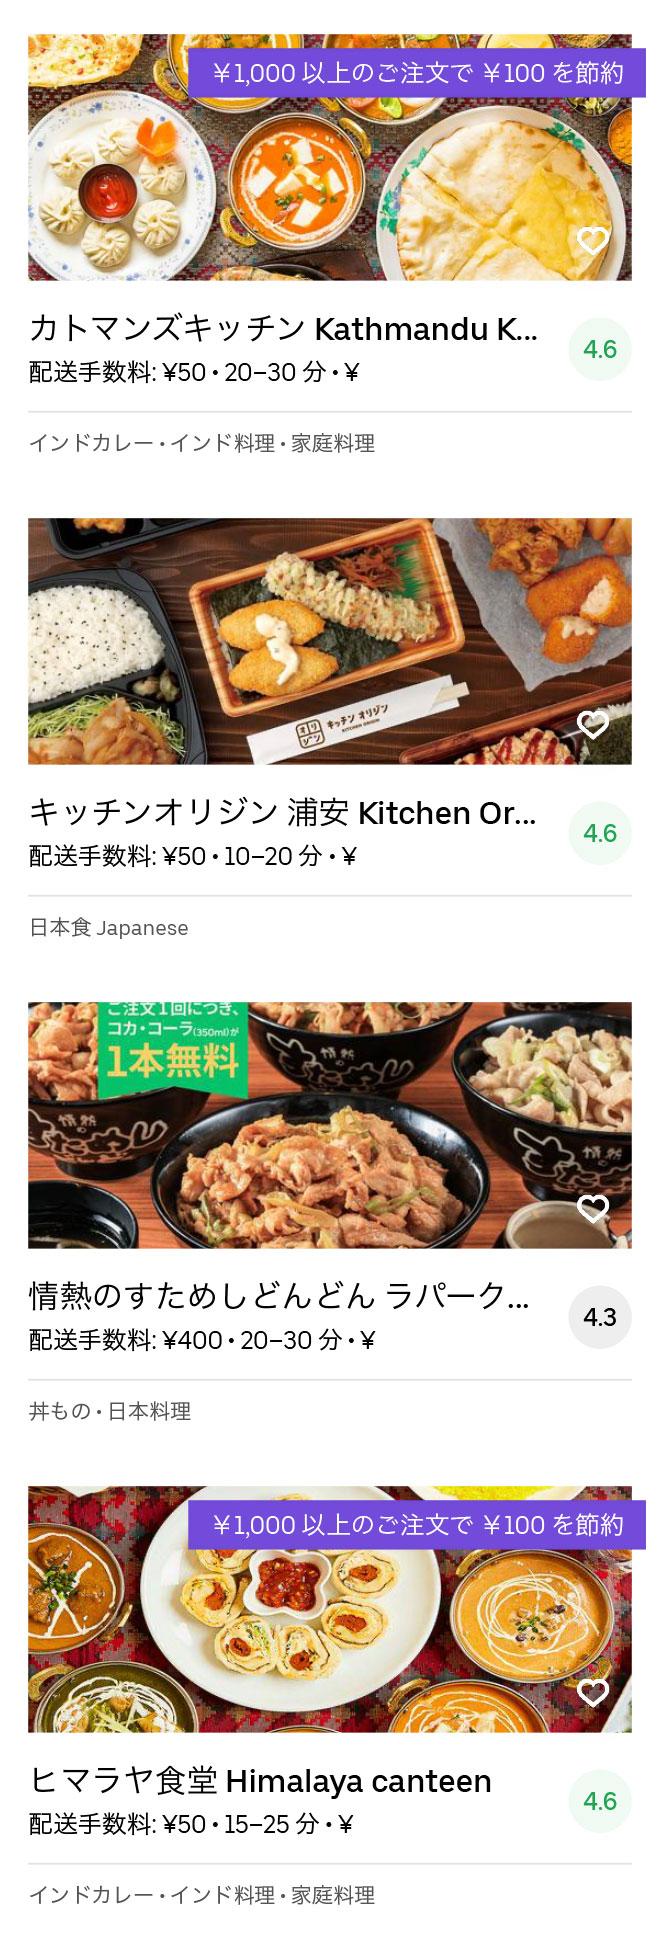 Urayasu menu 200403